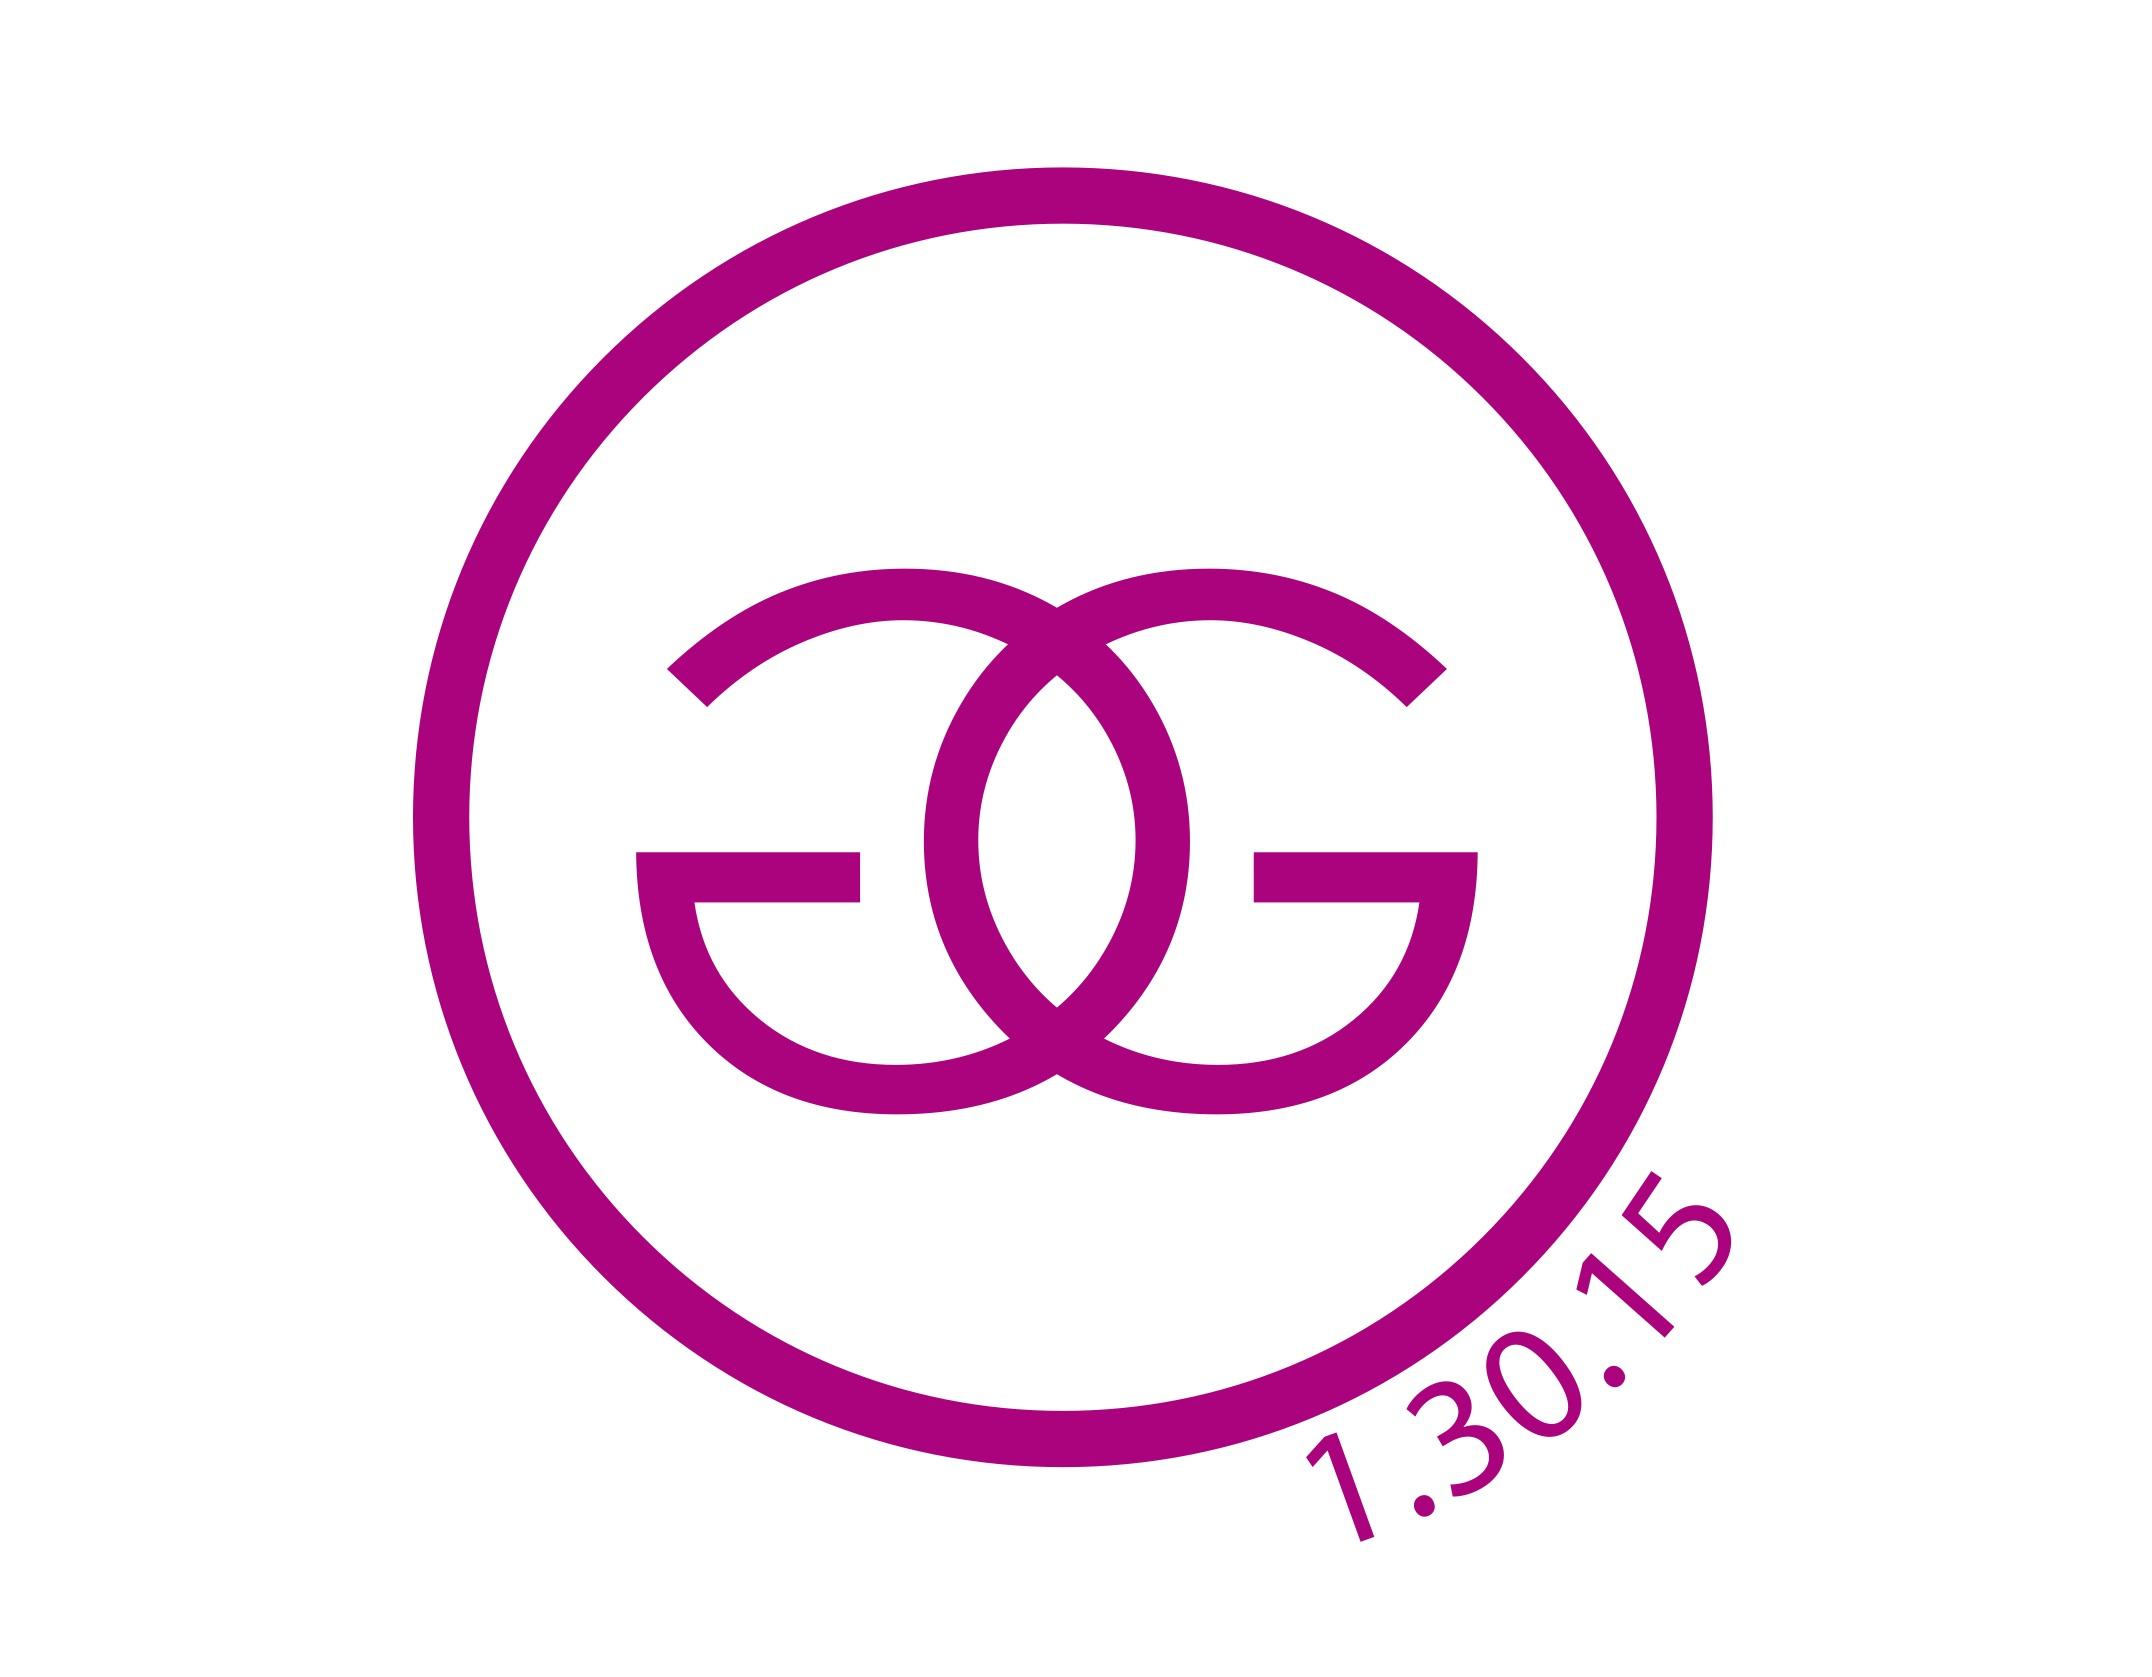 GG Circle Date Logo